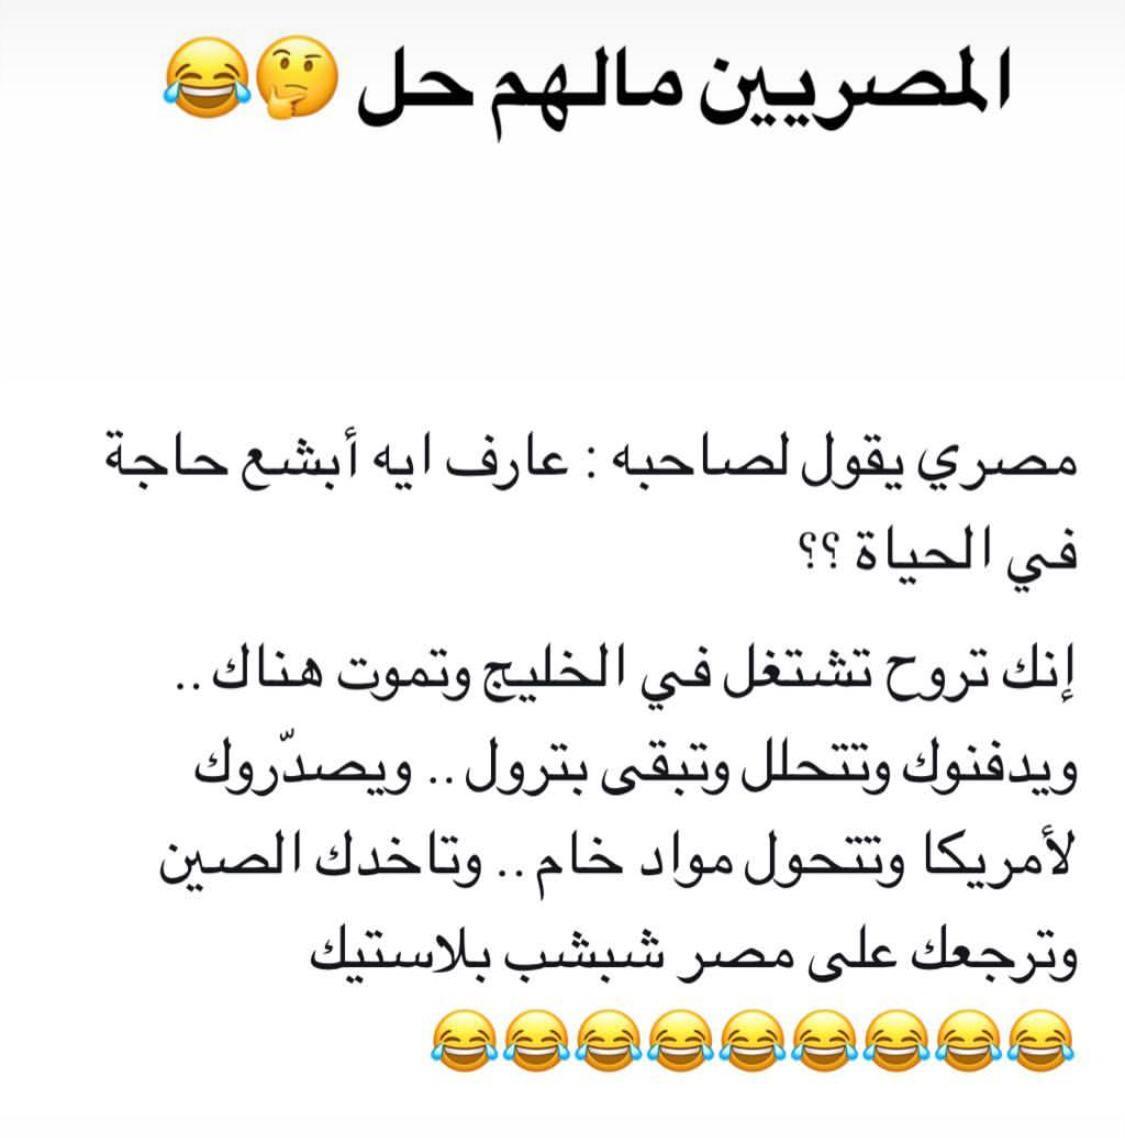 المصريين مالهم حل